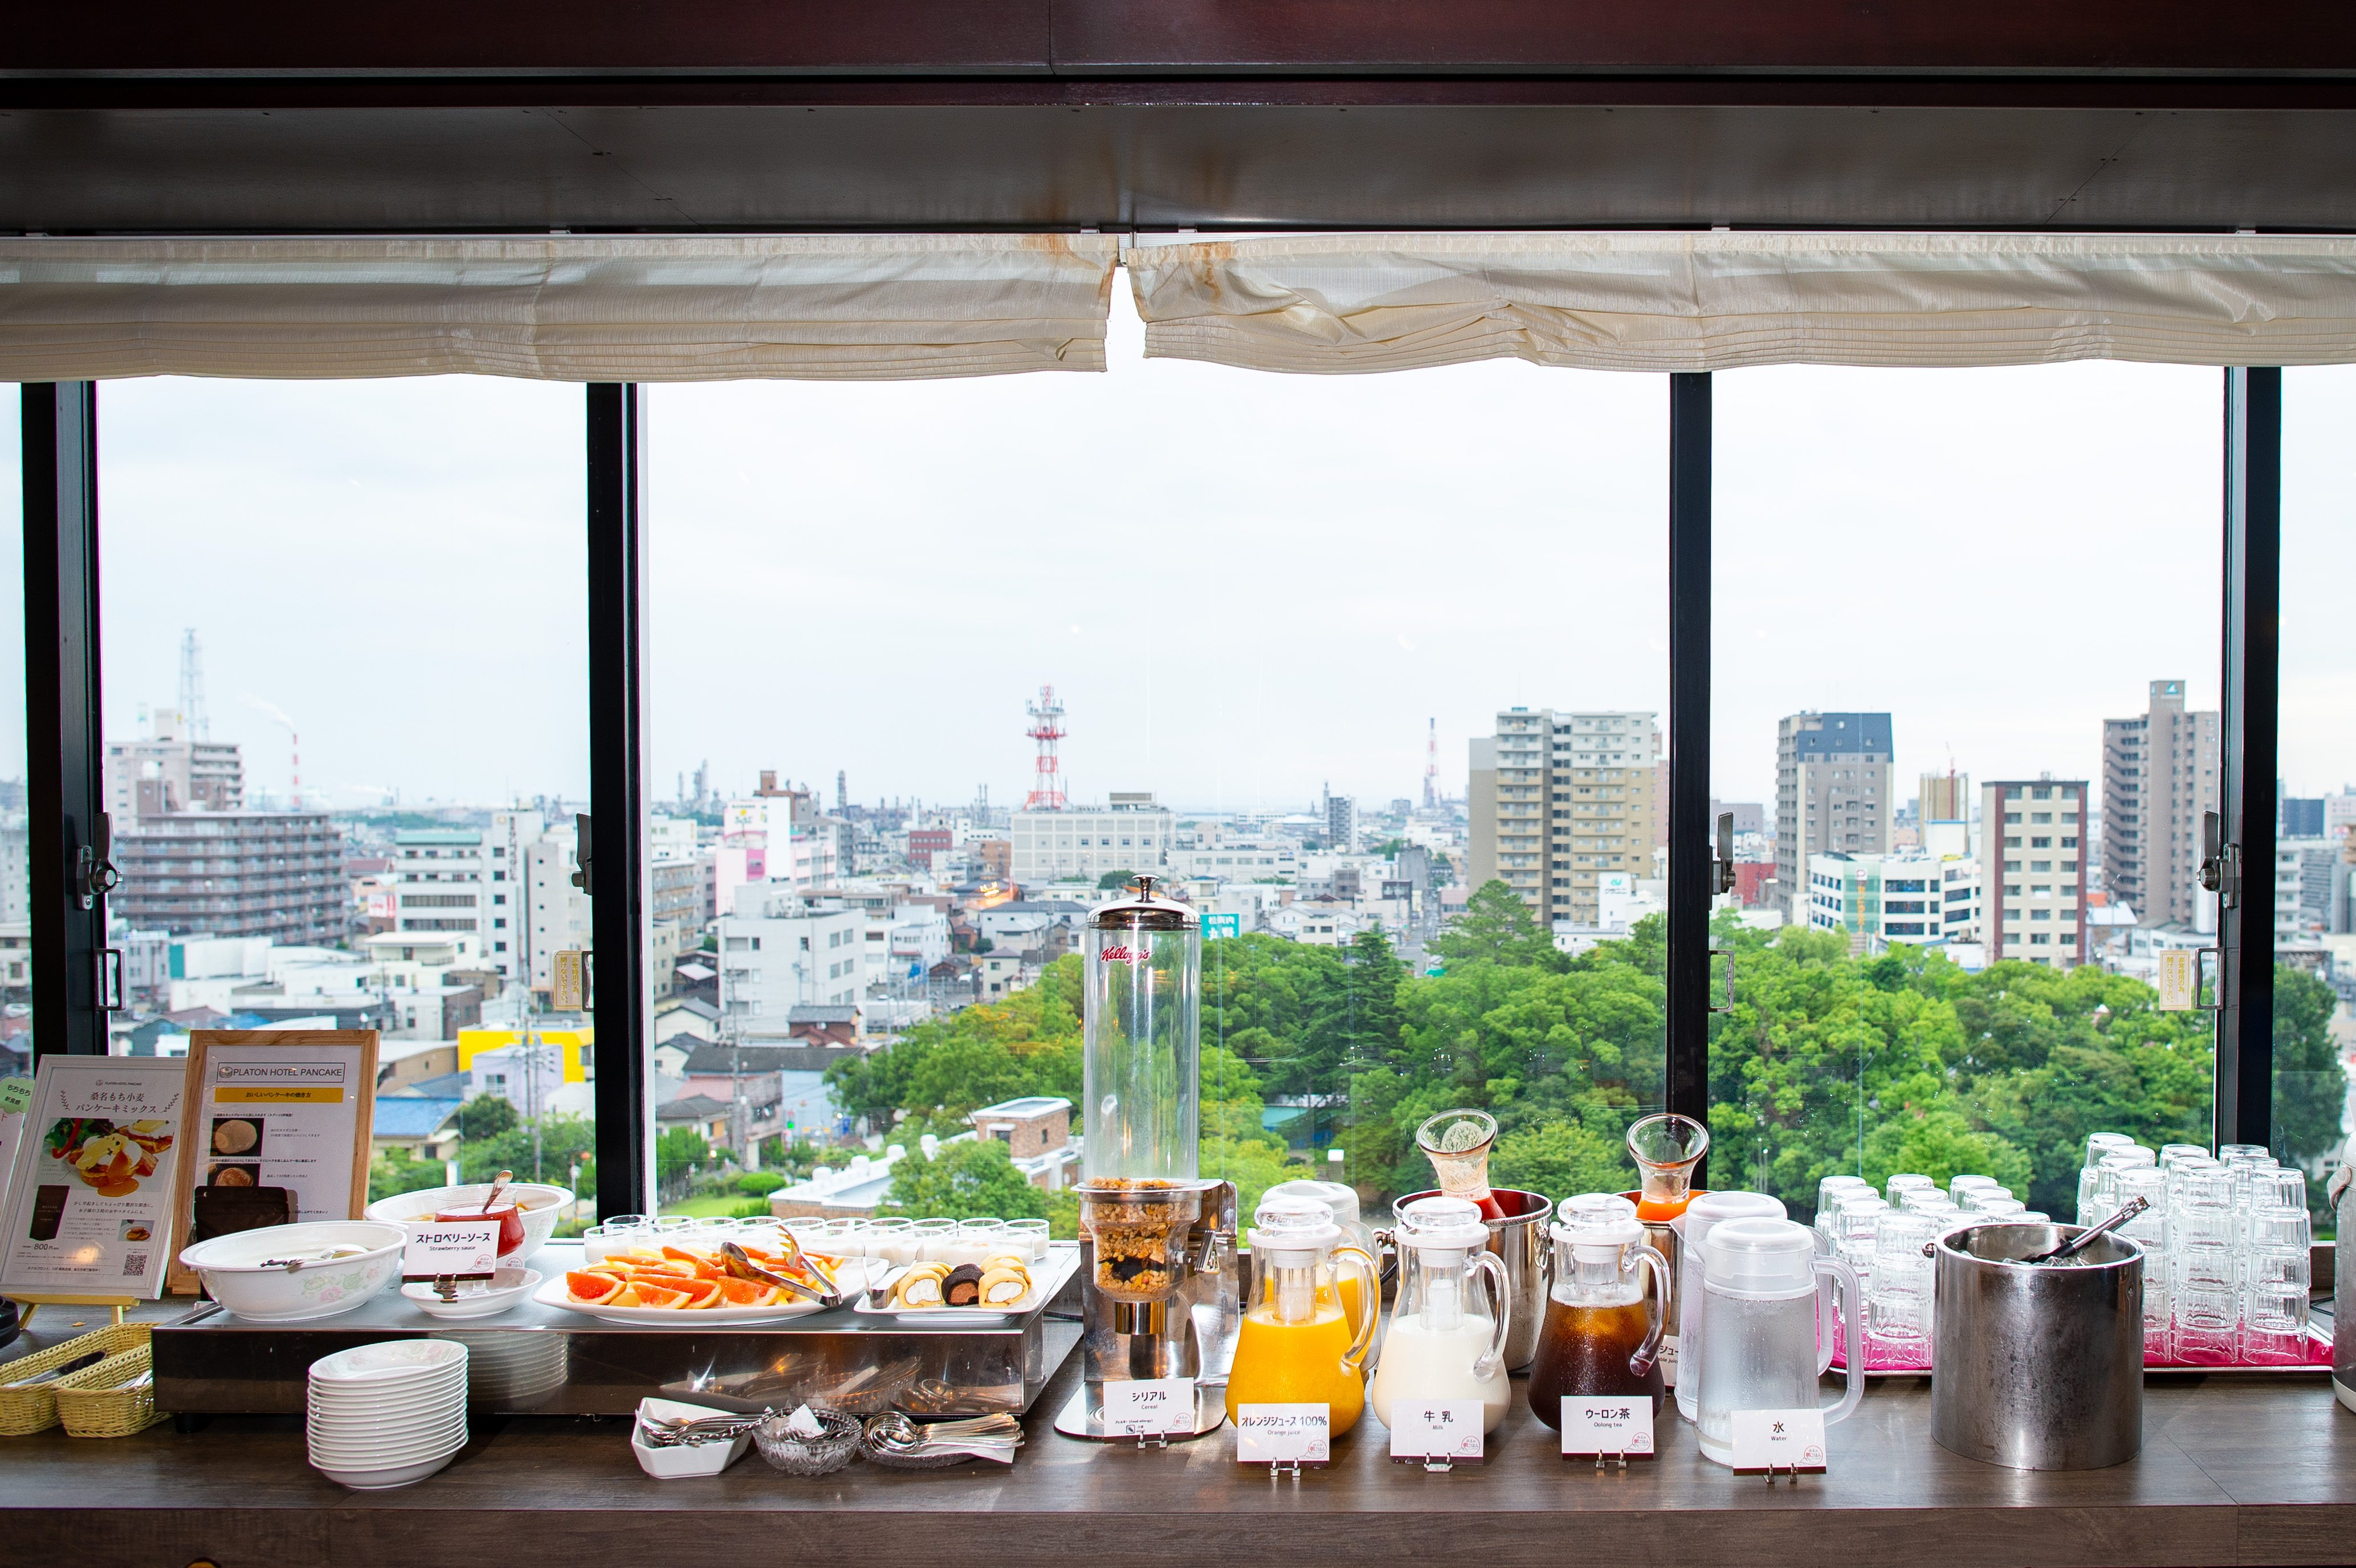 プラトンホテル四日市 朝食ビュッフェ みえの朝ごはん 5